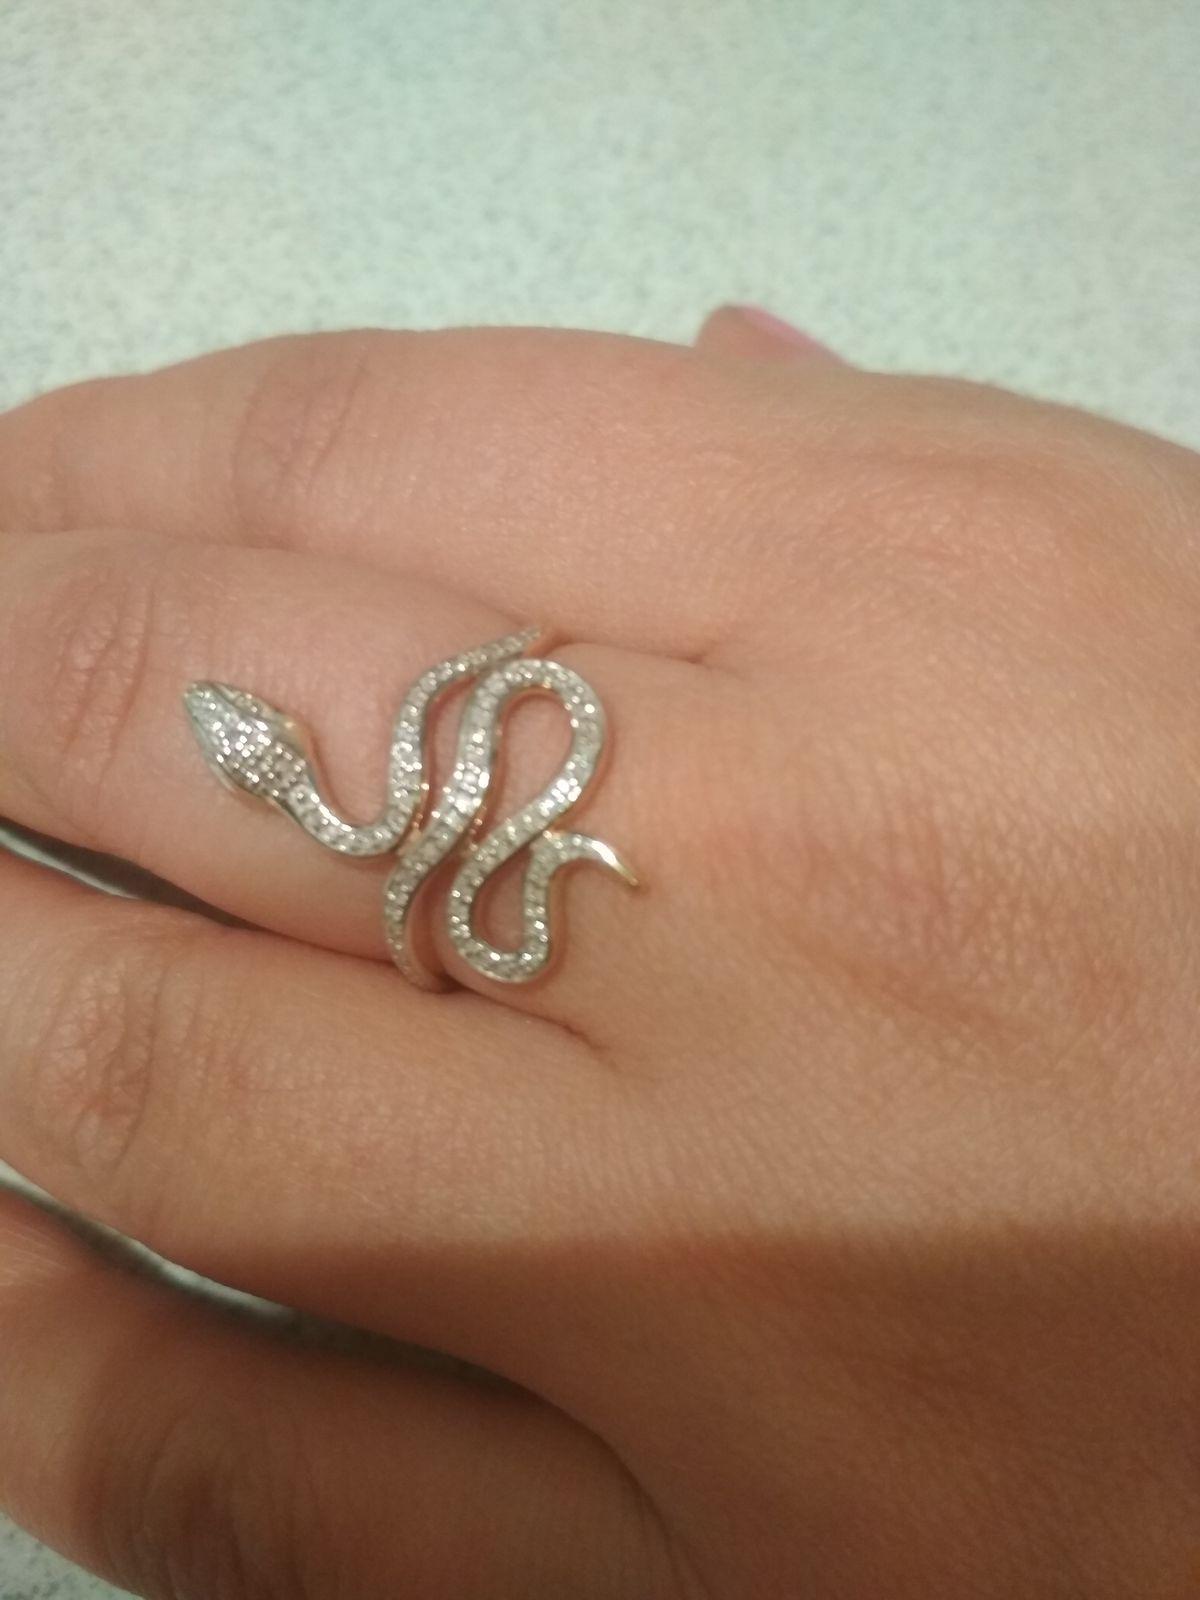 Шикарное кольцо в виде змеи.